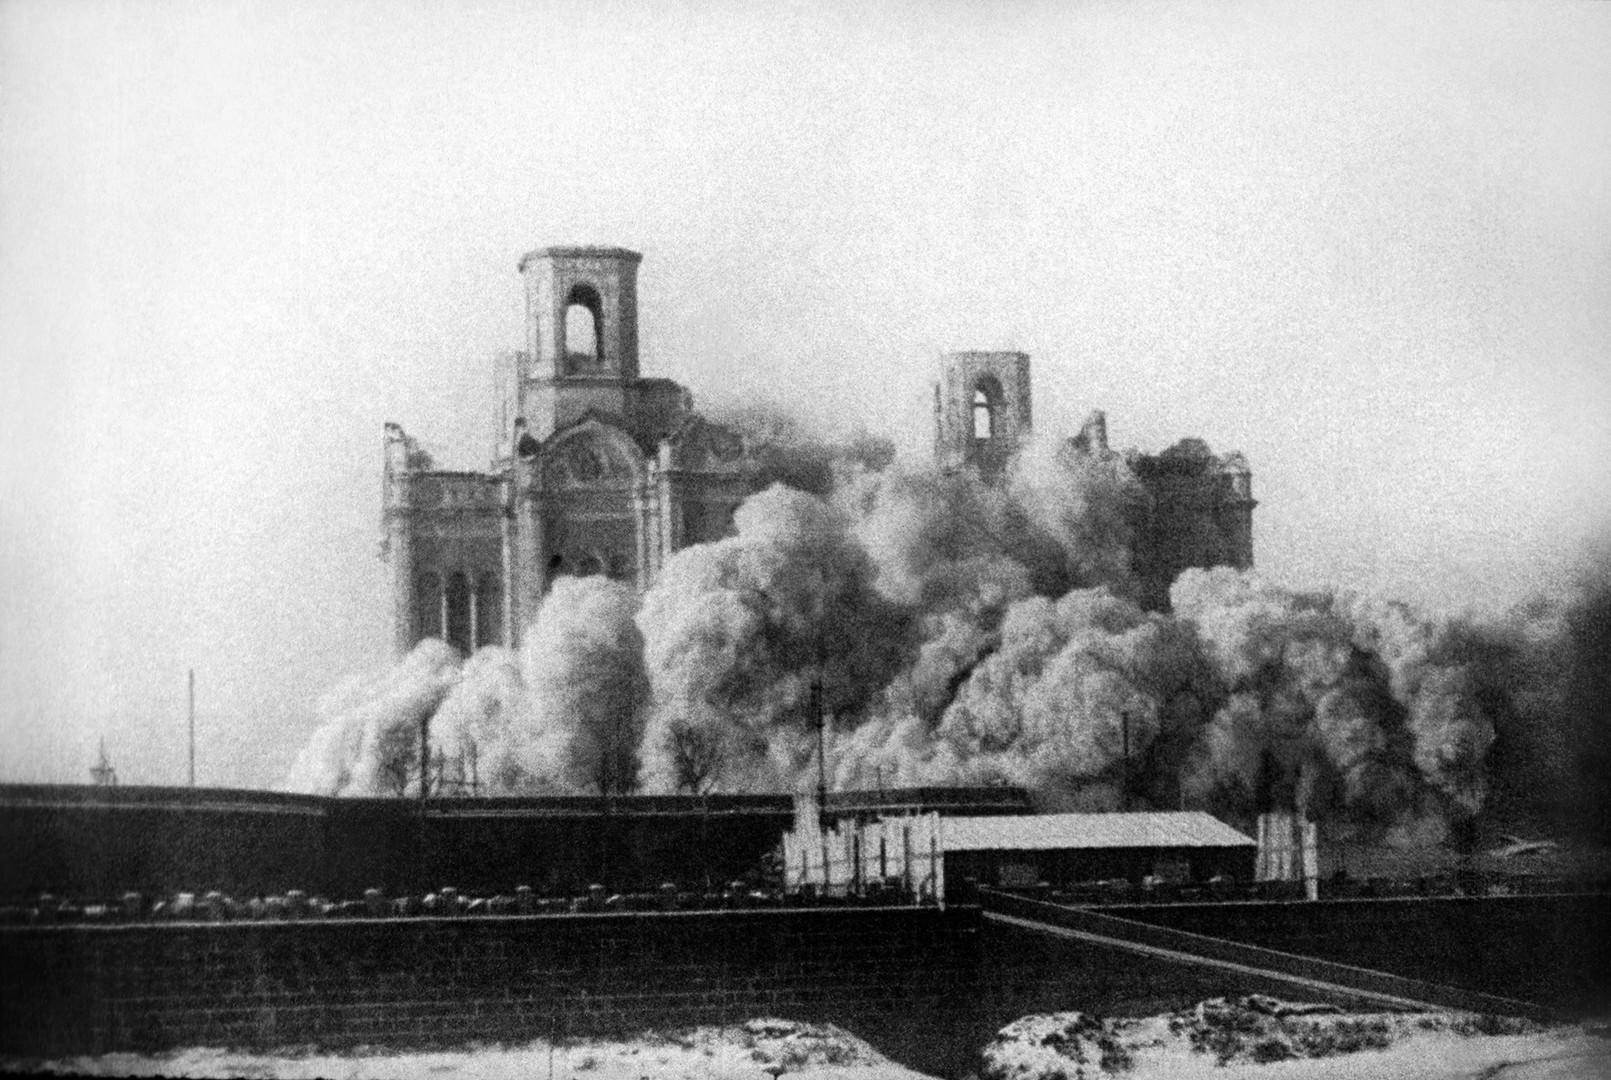 Catedral foi demolida em 5 de dezembro de 1931, causando tremor nos entornos